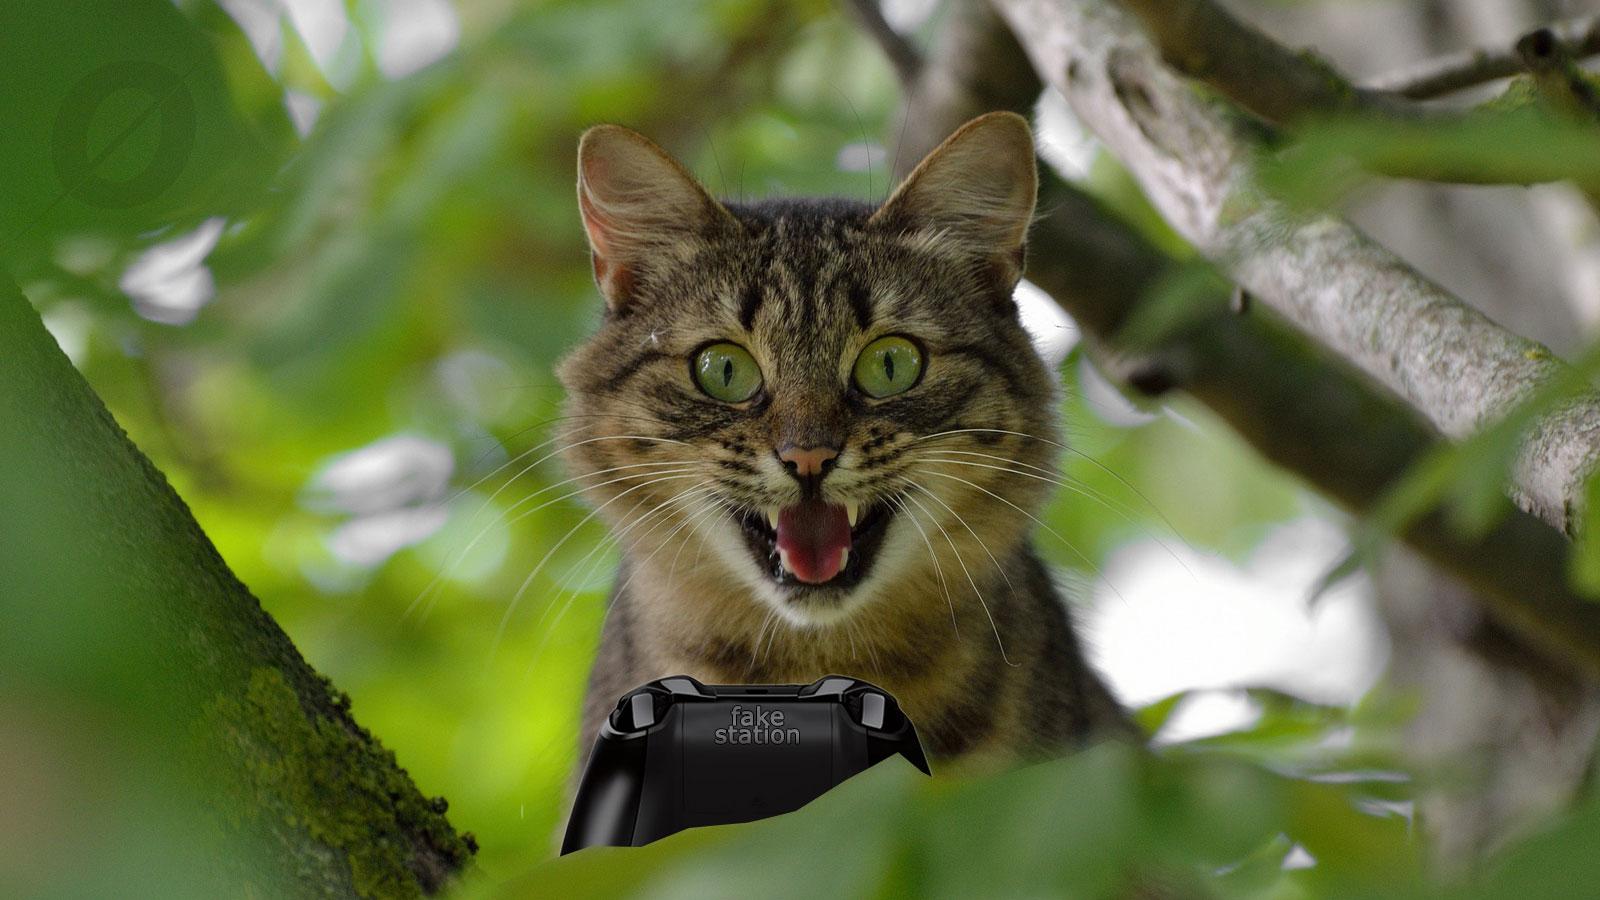 Un gatto sorpreso videogioca su un albero - cose assurde videogiochi.